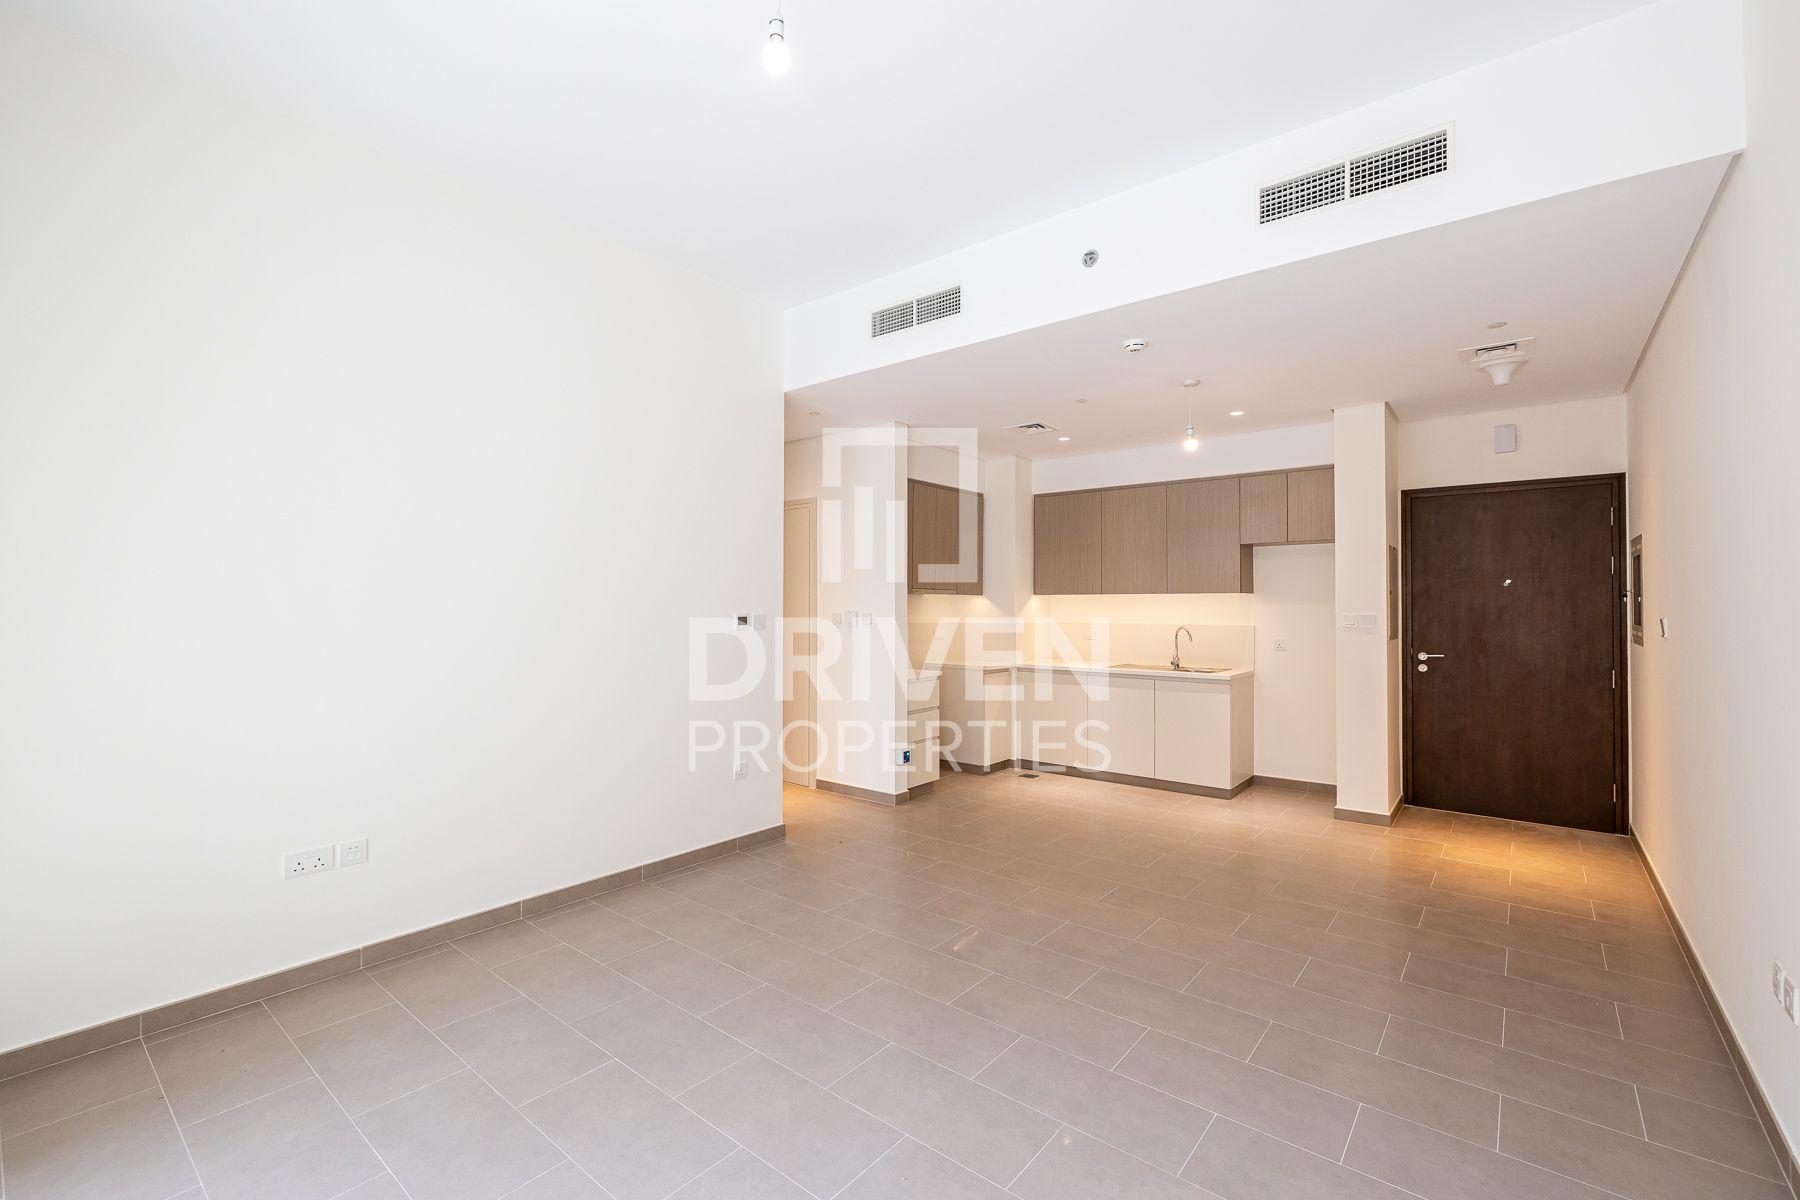 657 قدم مربع  شقة - للايجار - دبي هيلز استيت